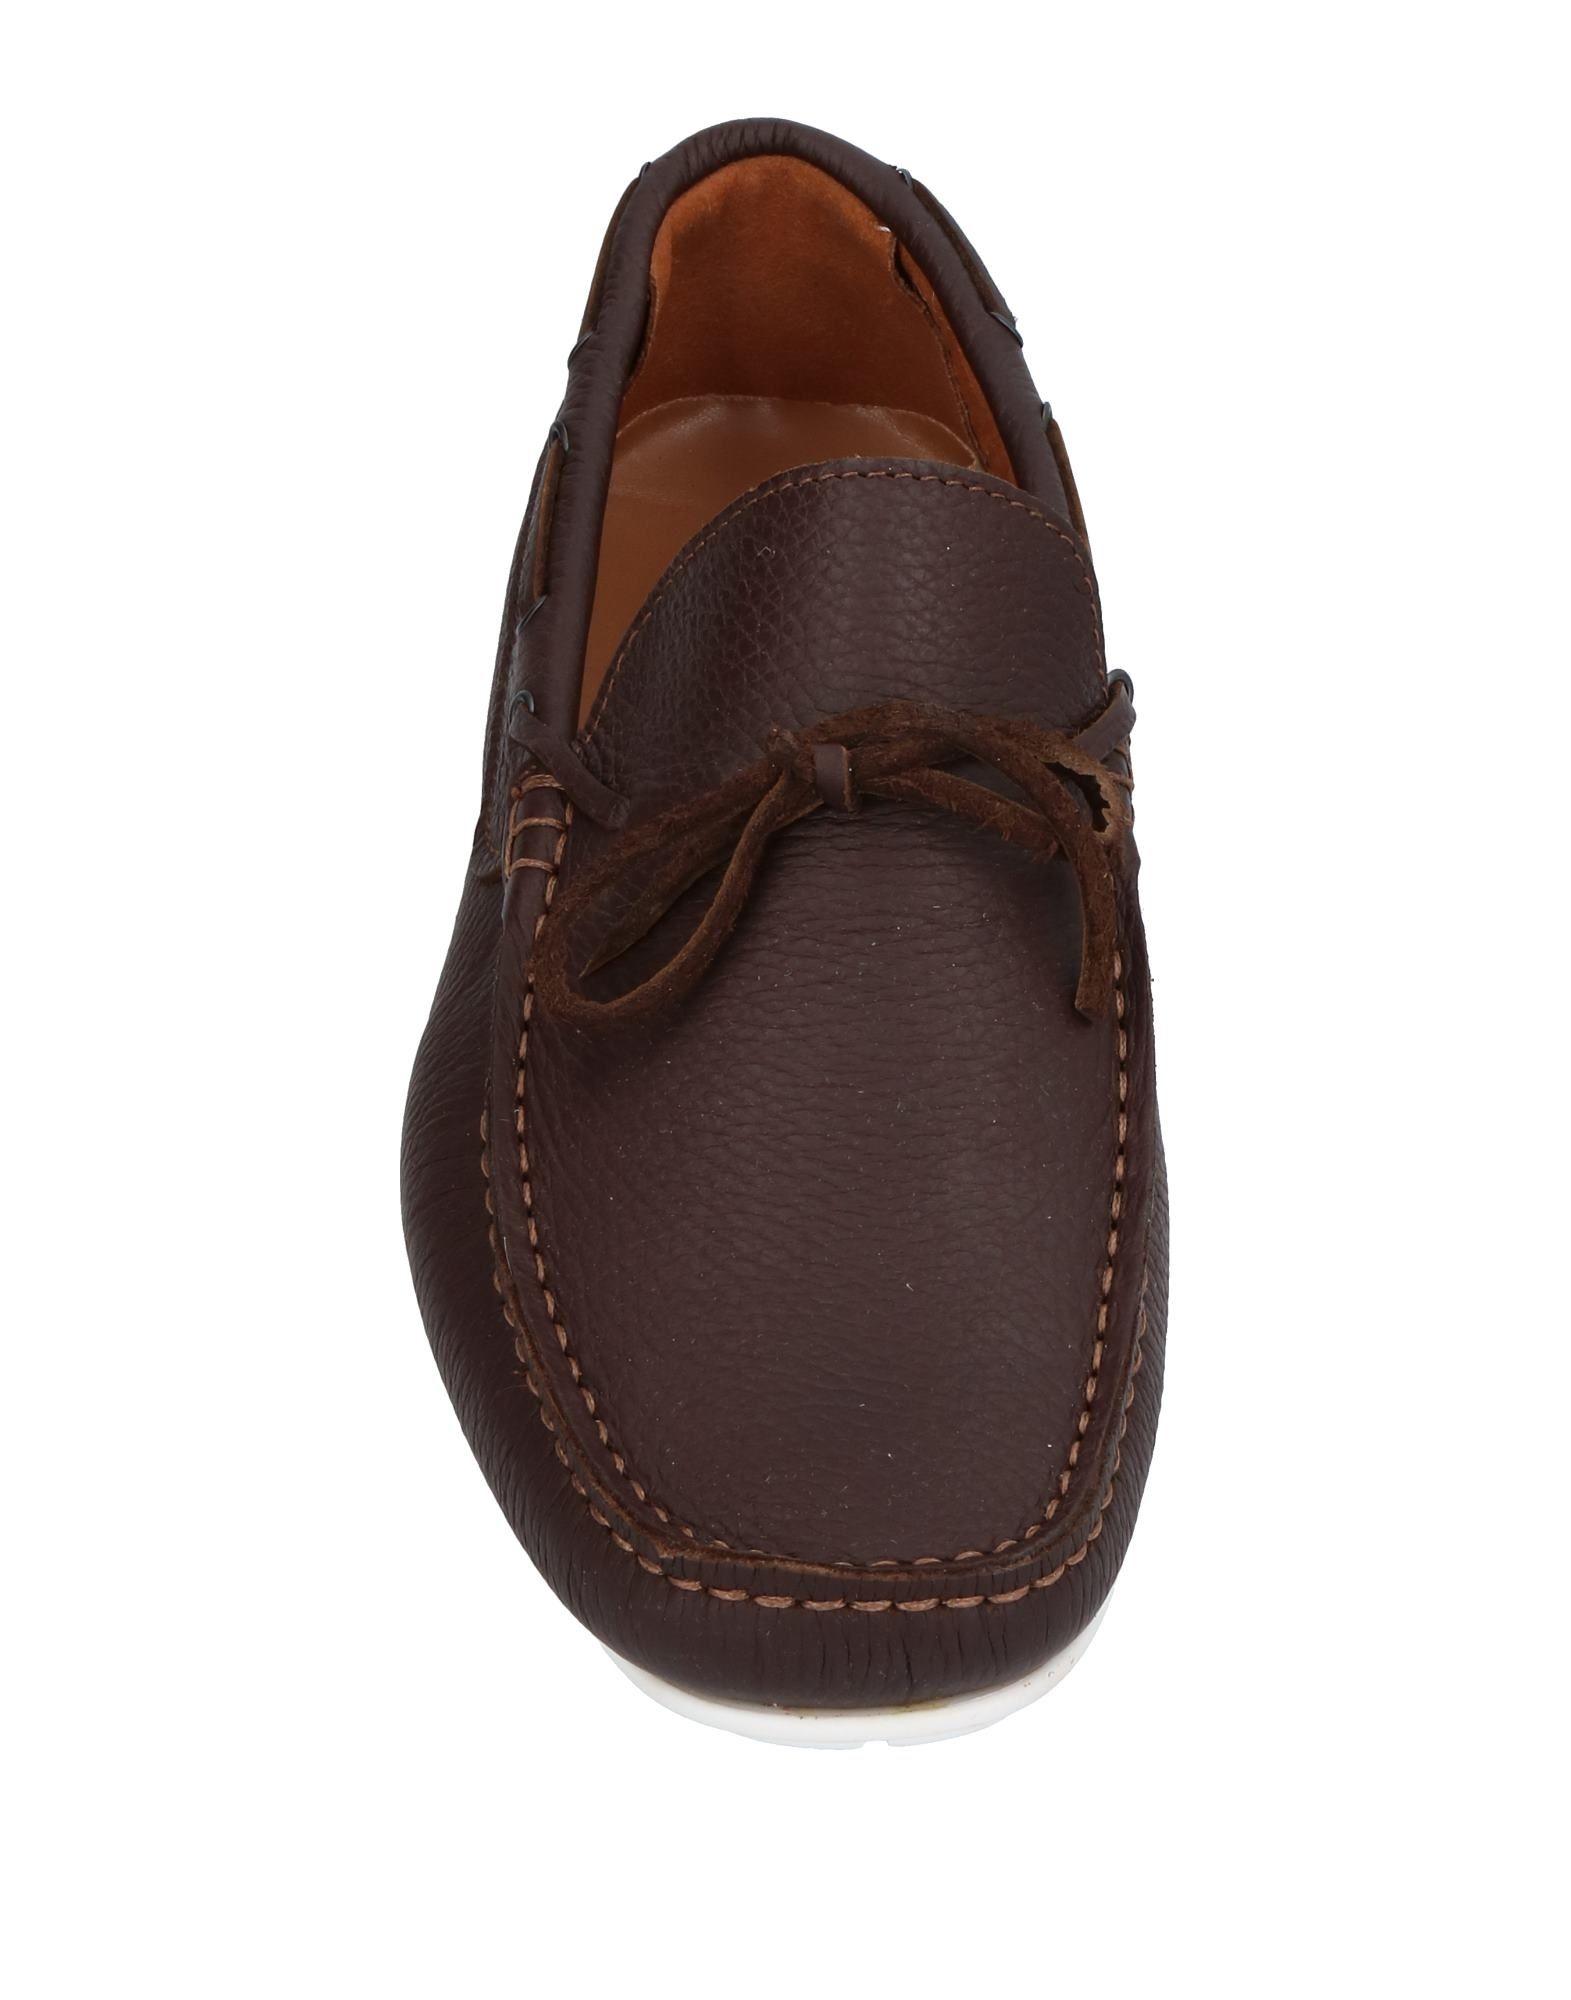 Cantarelli Mokassins Herren Schuhe  11375247IX Heiße Schuhe Herren 58f0ce